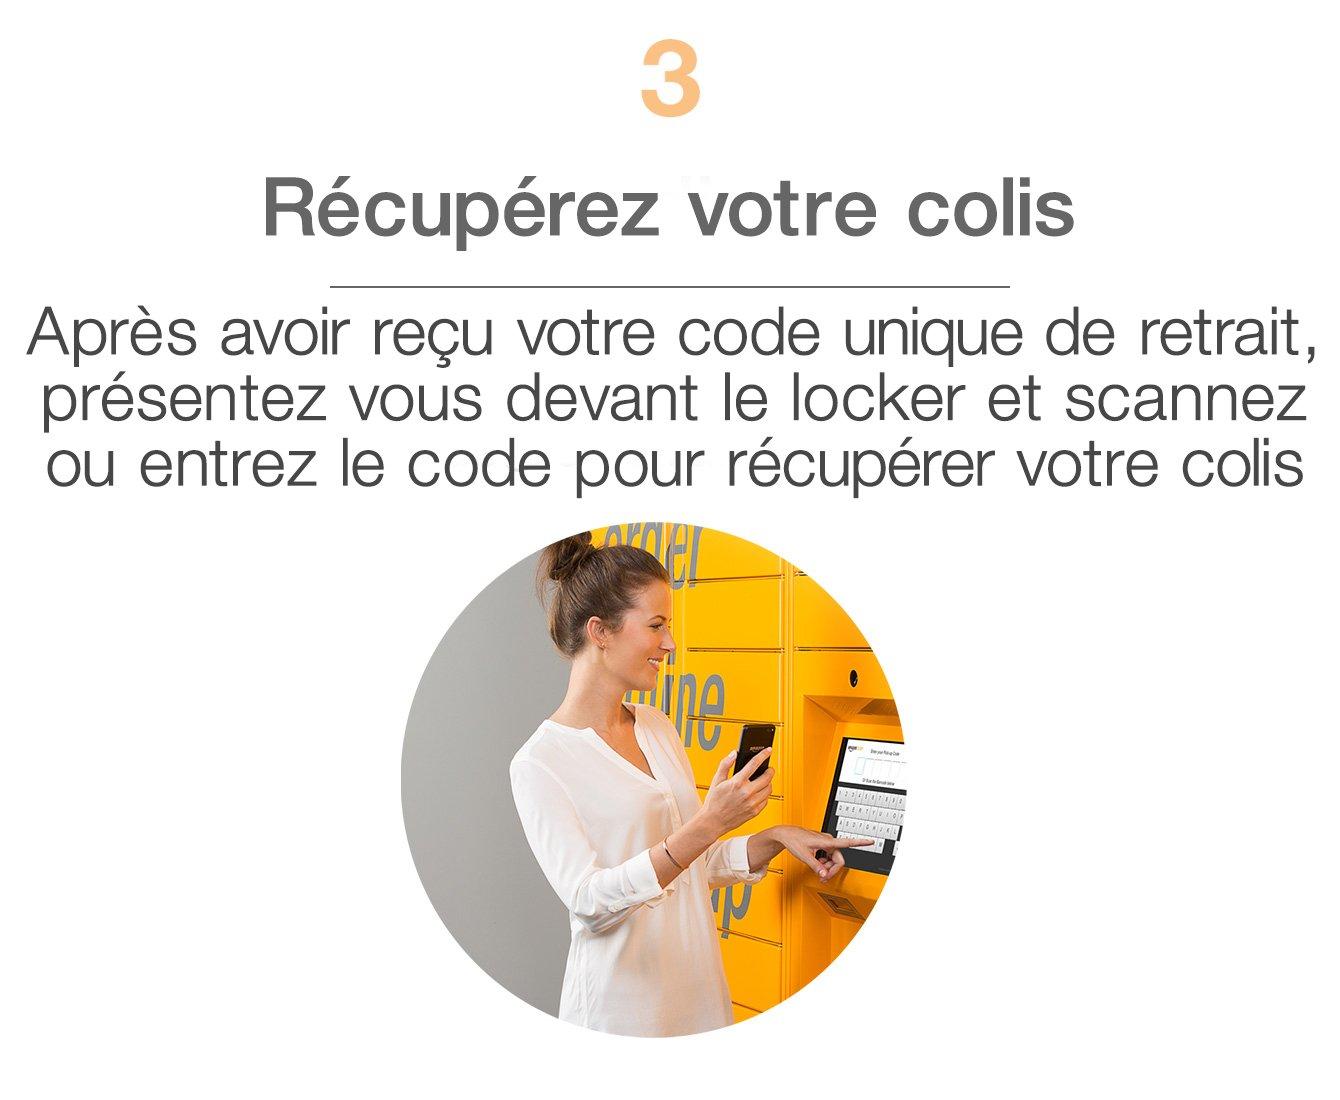 Après avoir reçu le mail indiquant votre code unique de retrait, présentez vous devant le locker et scannez ou entrez le code de retrait pour récupérer votre colis